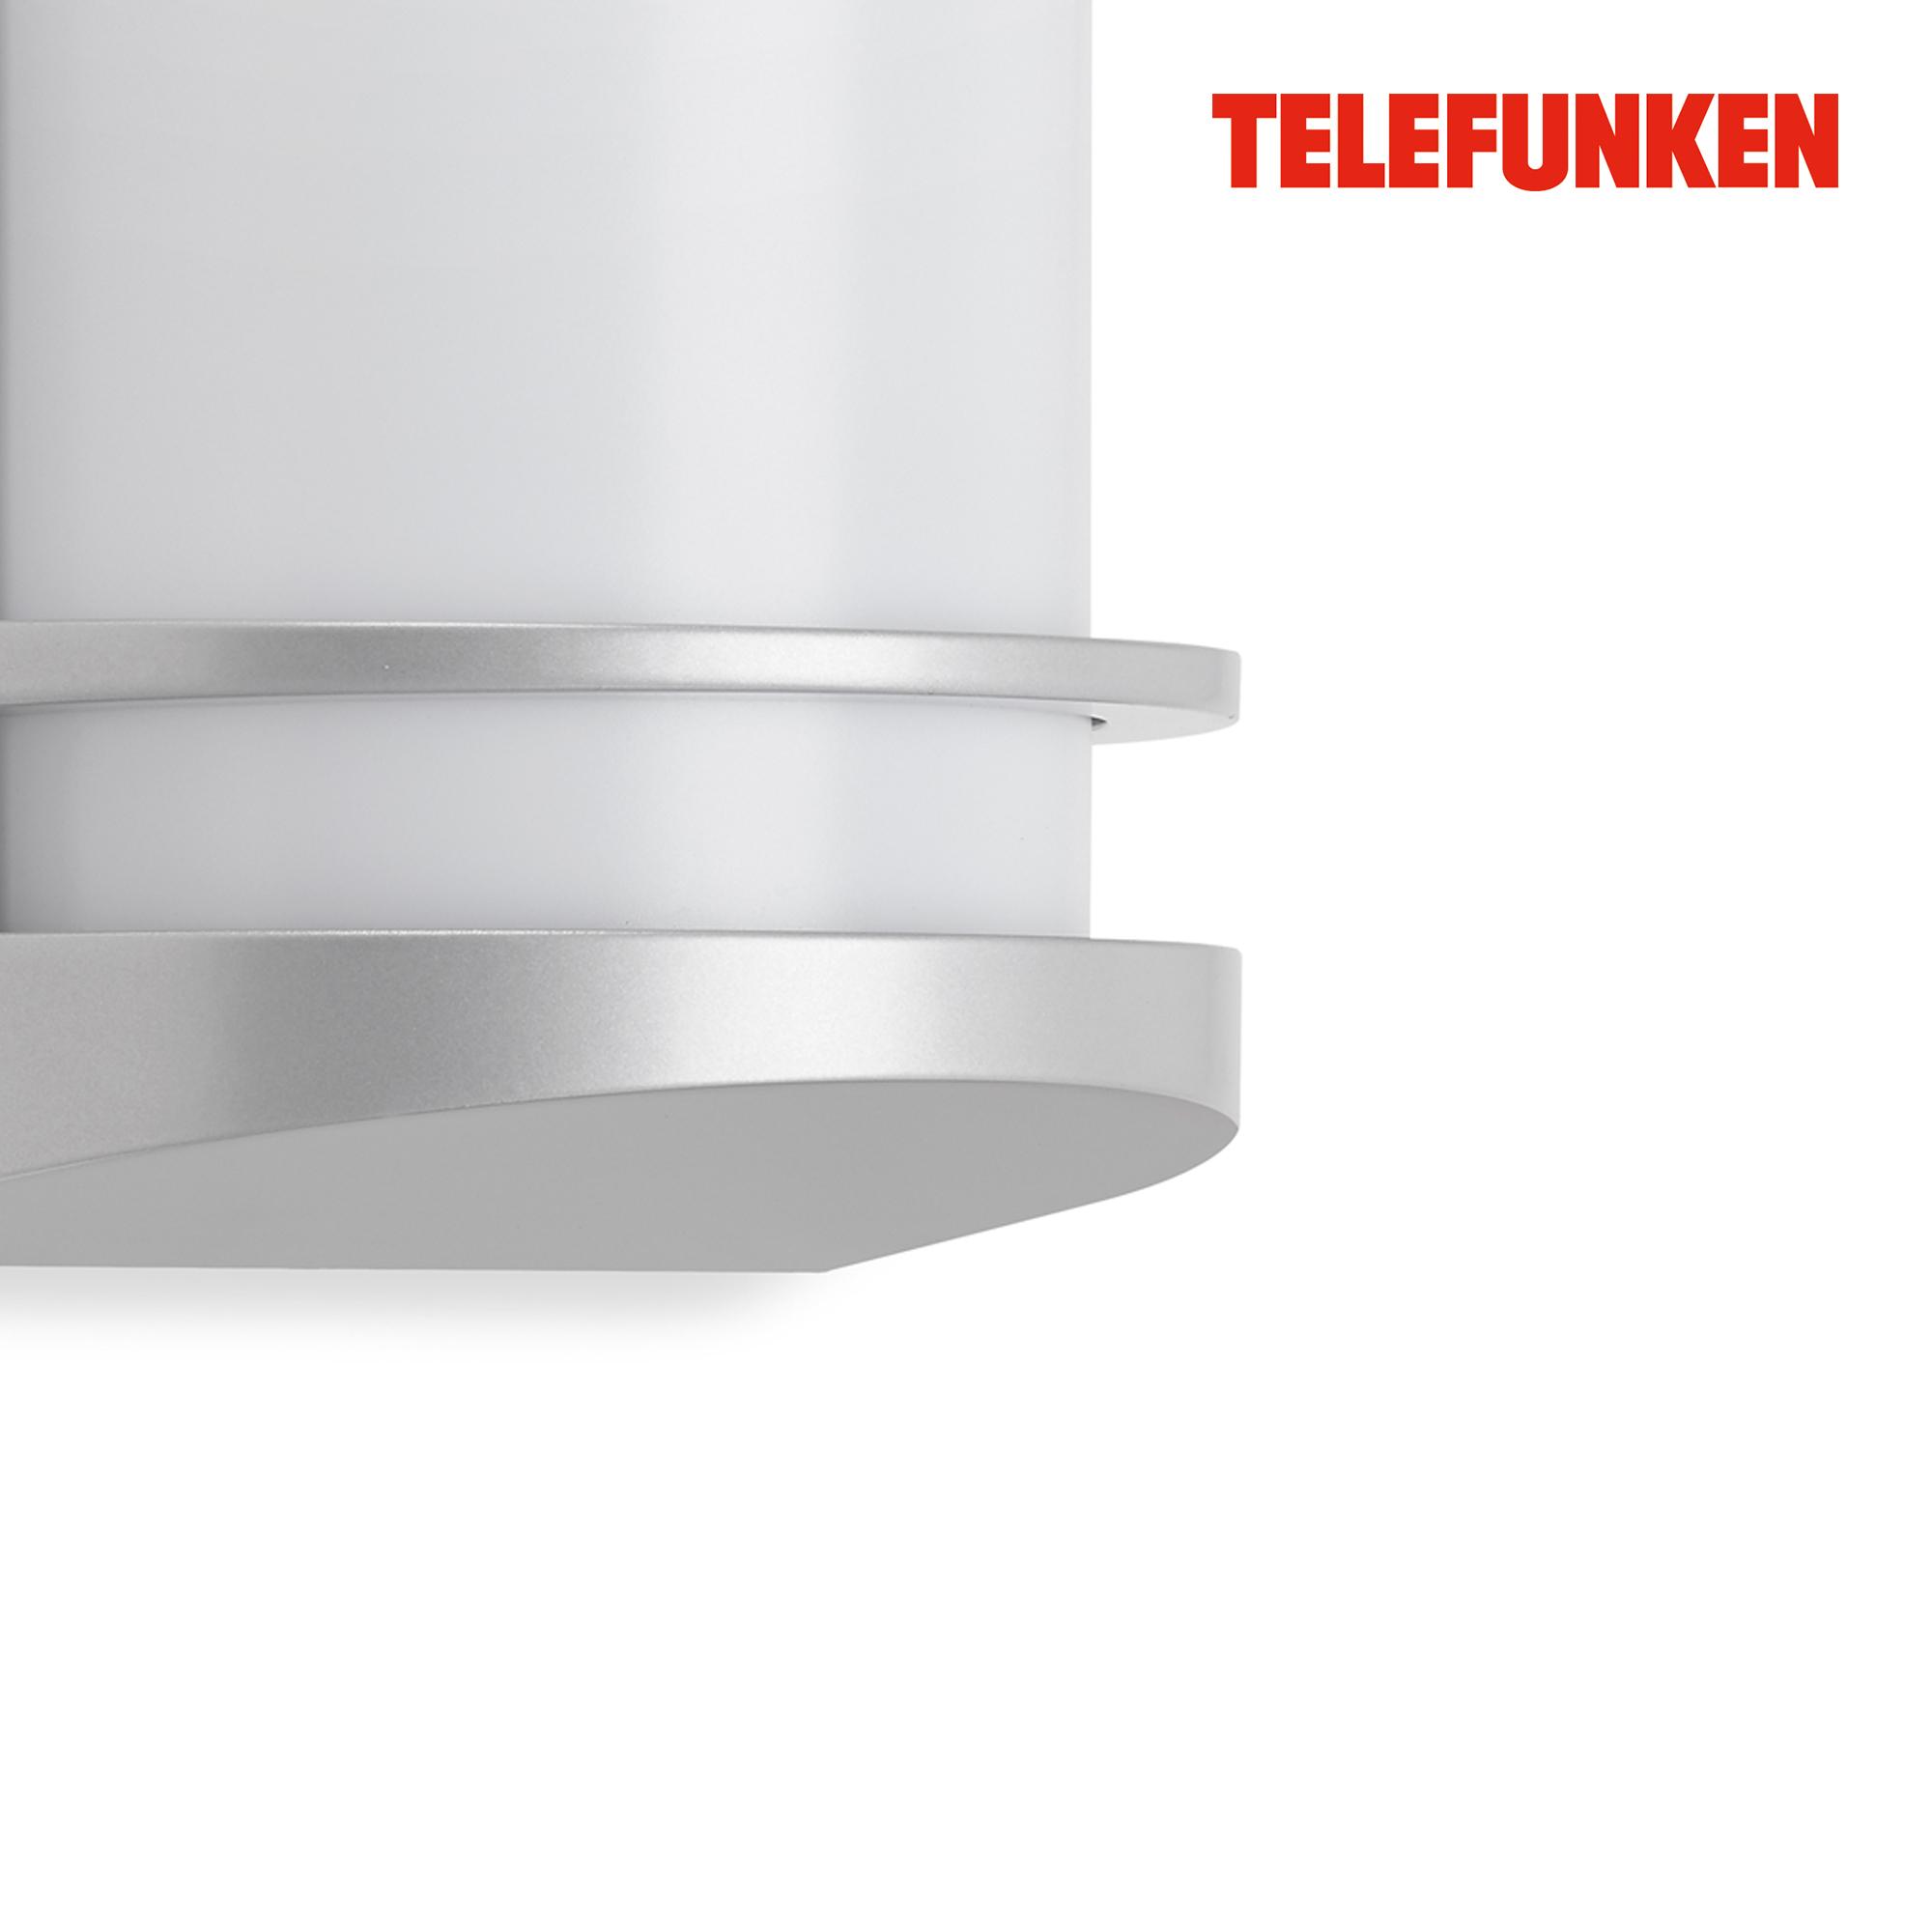 TELEFUNKEN LED Außenwandleuchte Silber